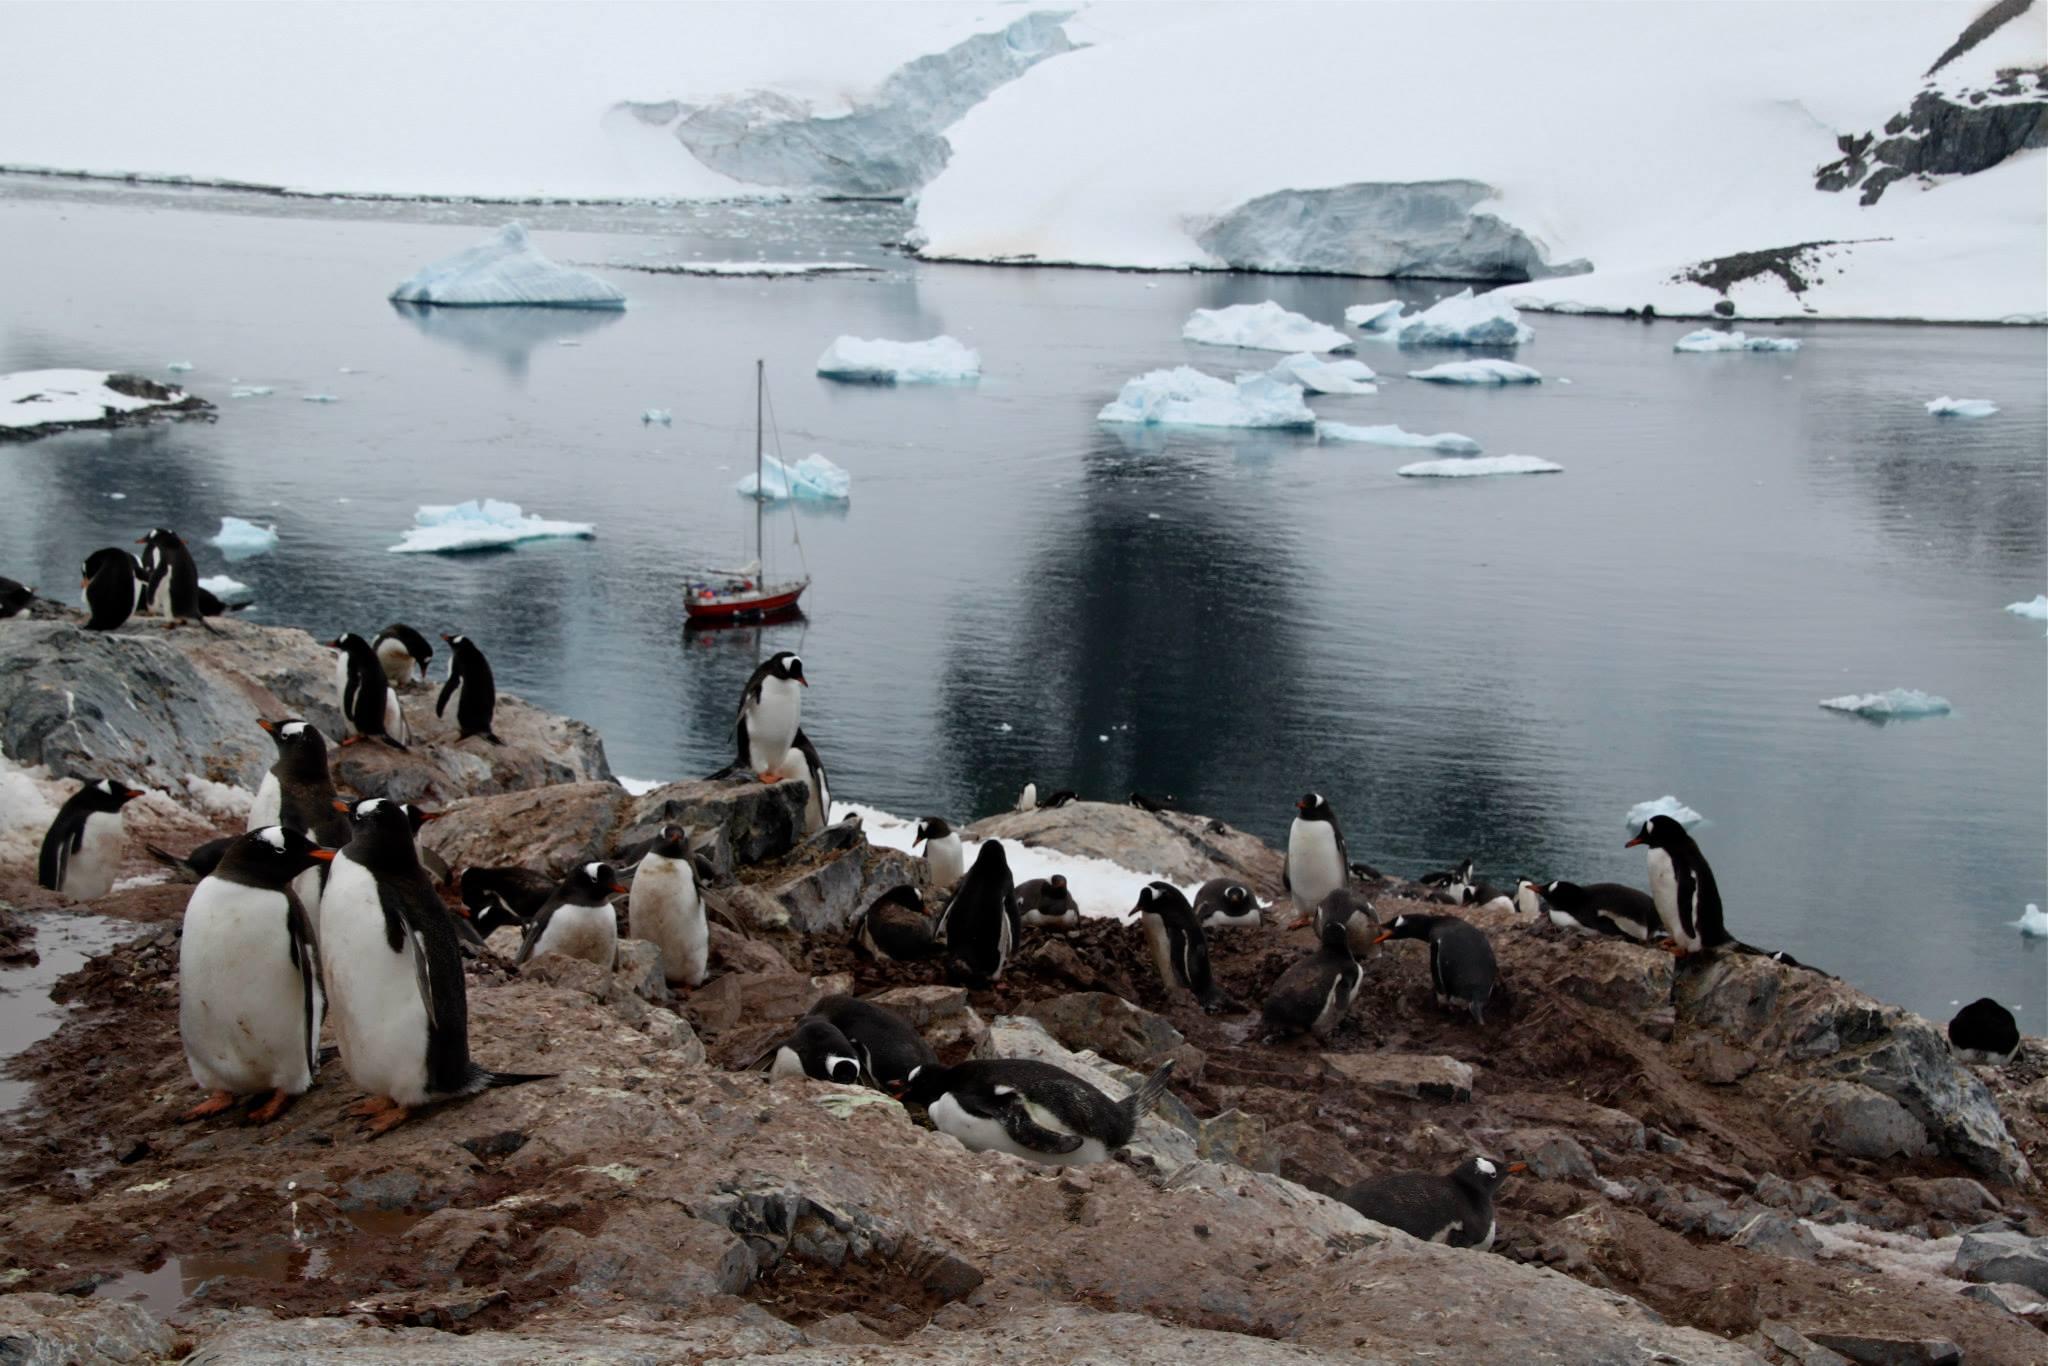 שייט באנטרקטיקה - עשרות פינגווינים - דרך הים